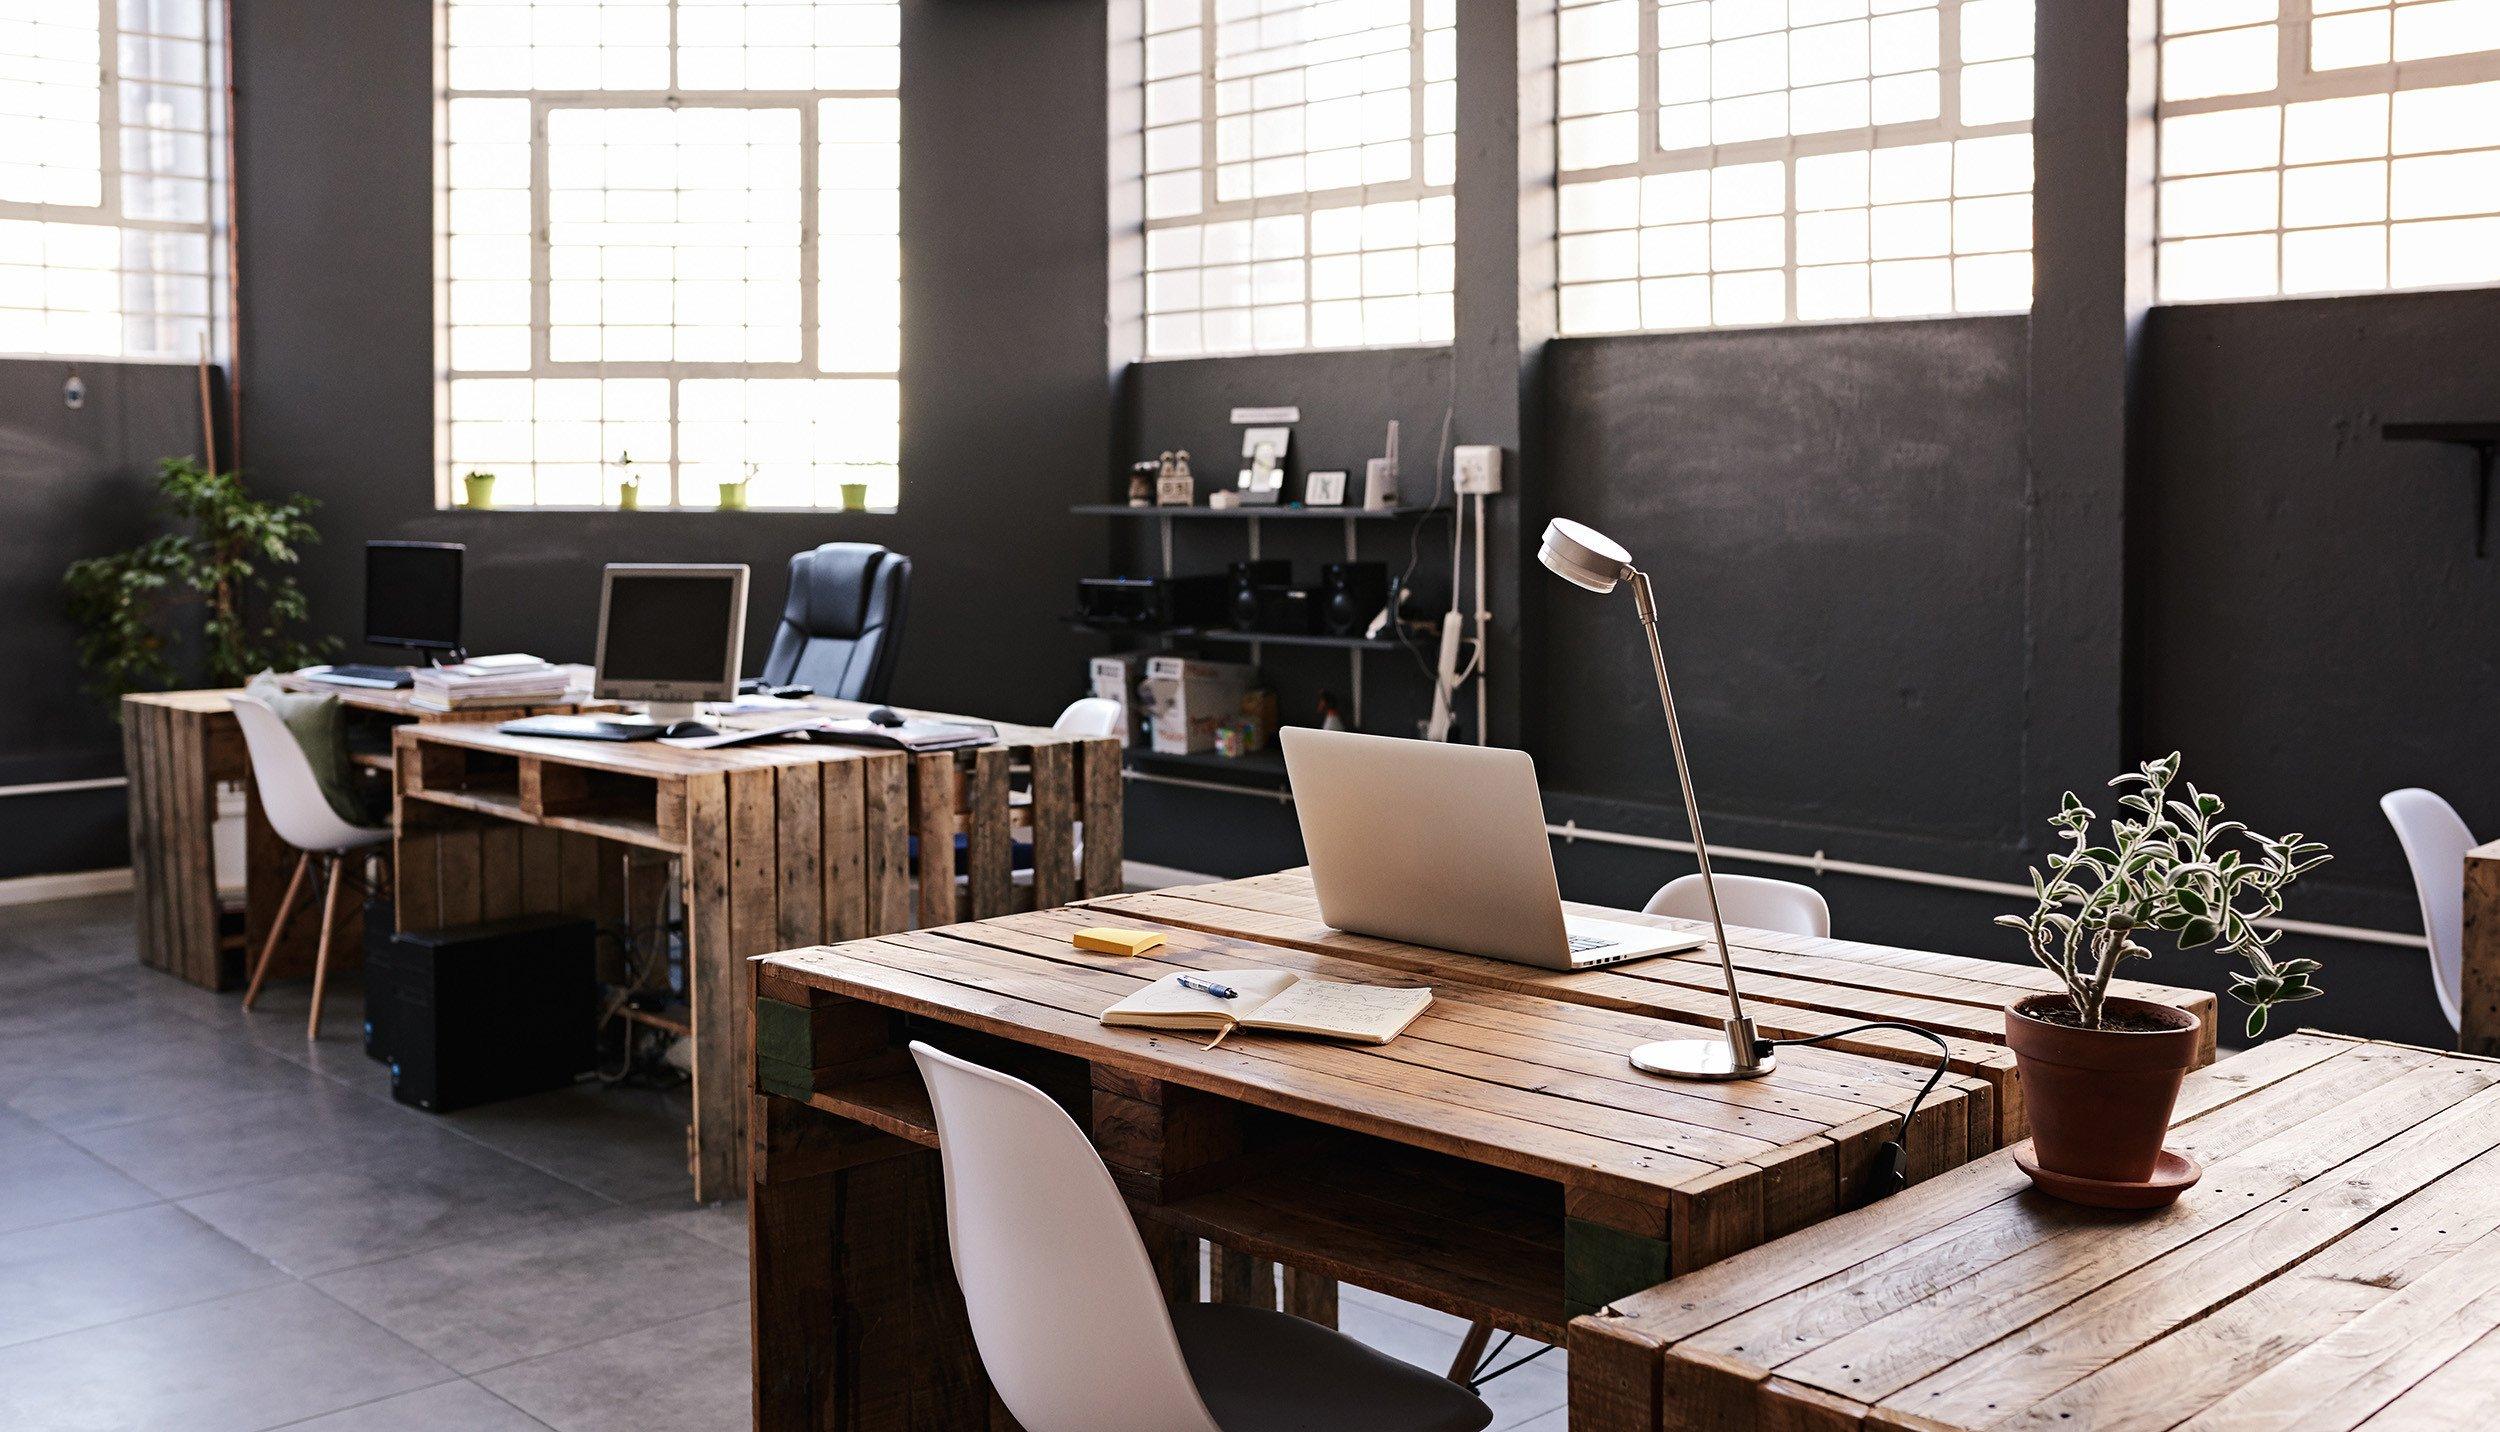 湖南浩安公装公司装修设计资讯知识办公空间设计照明方式有哪些?